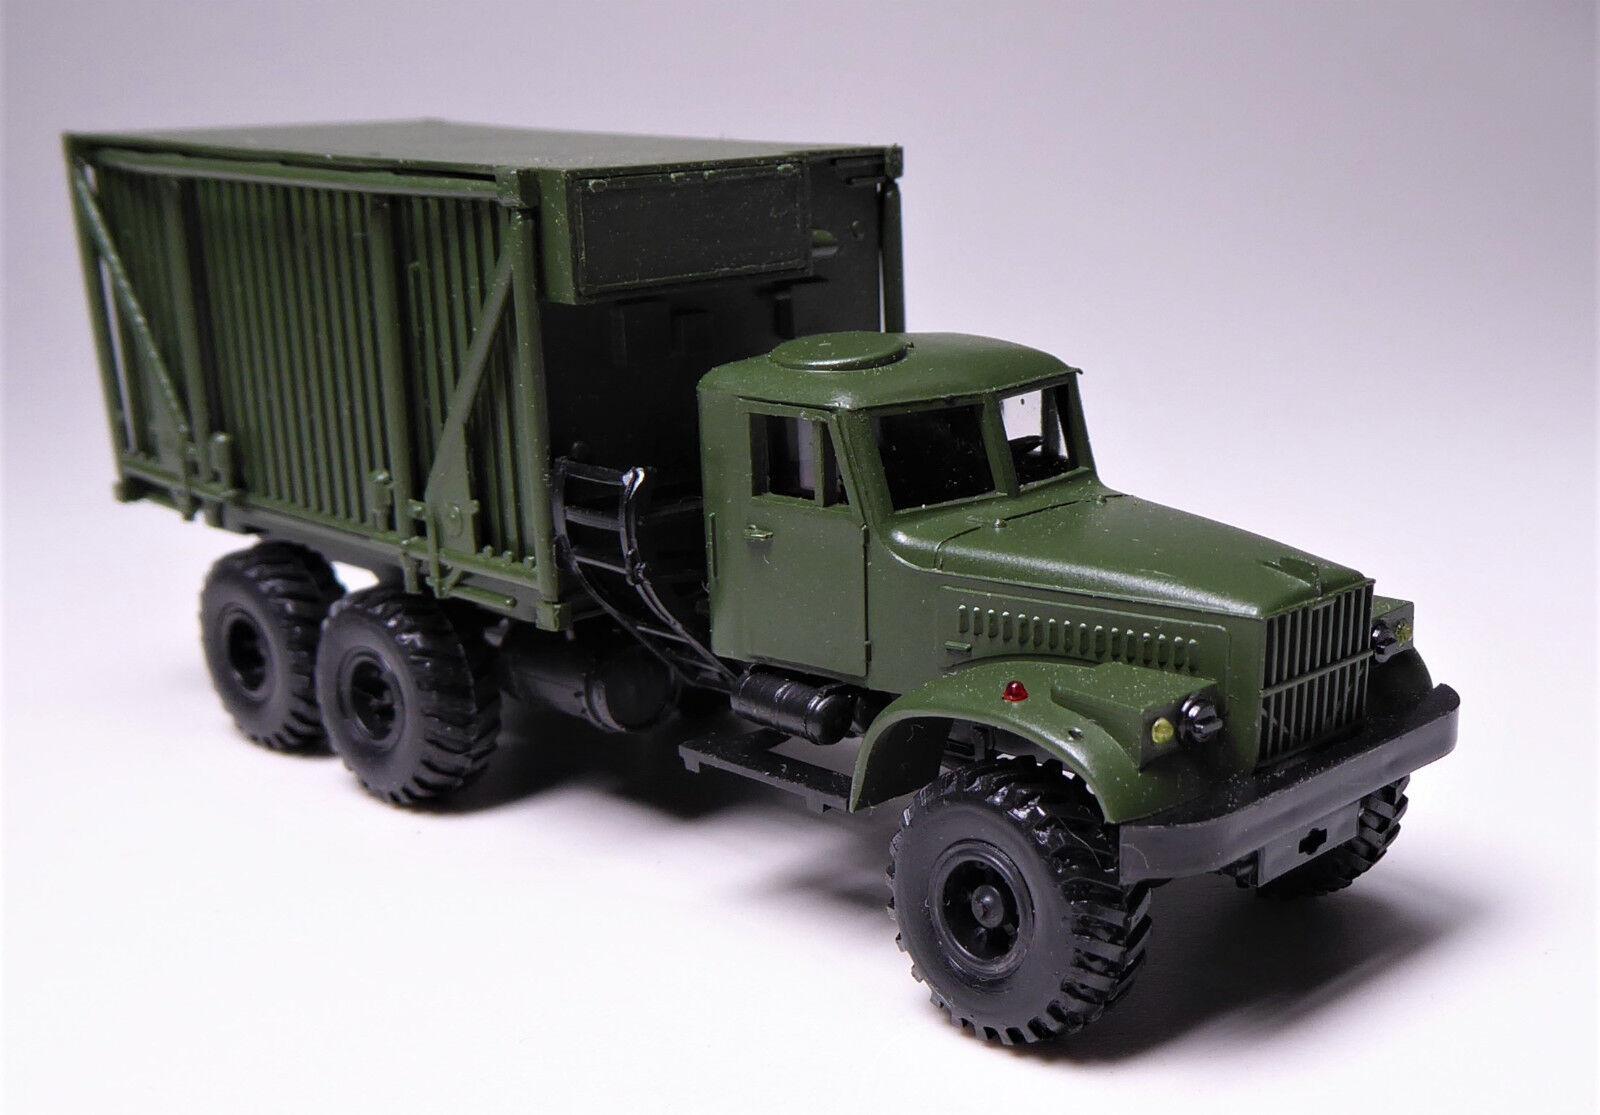 H0 Kraz 255 B comando Veicolo bacchetta carrello faltkoffer FK 1 militare URSS rarità.